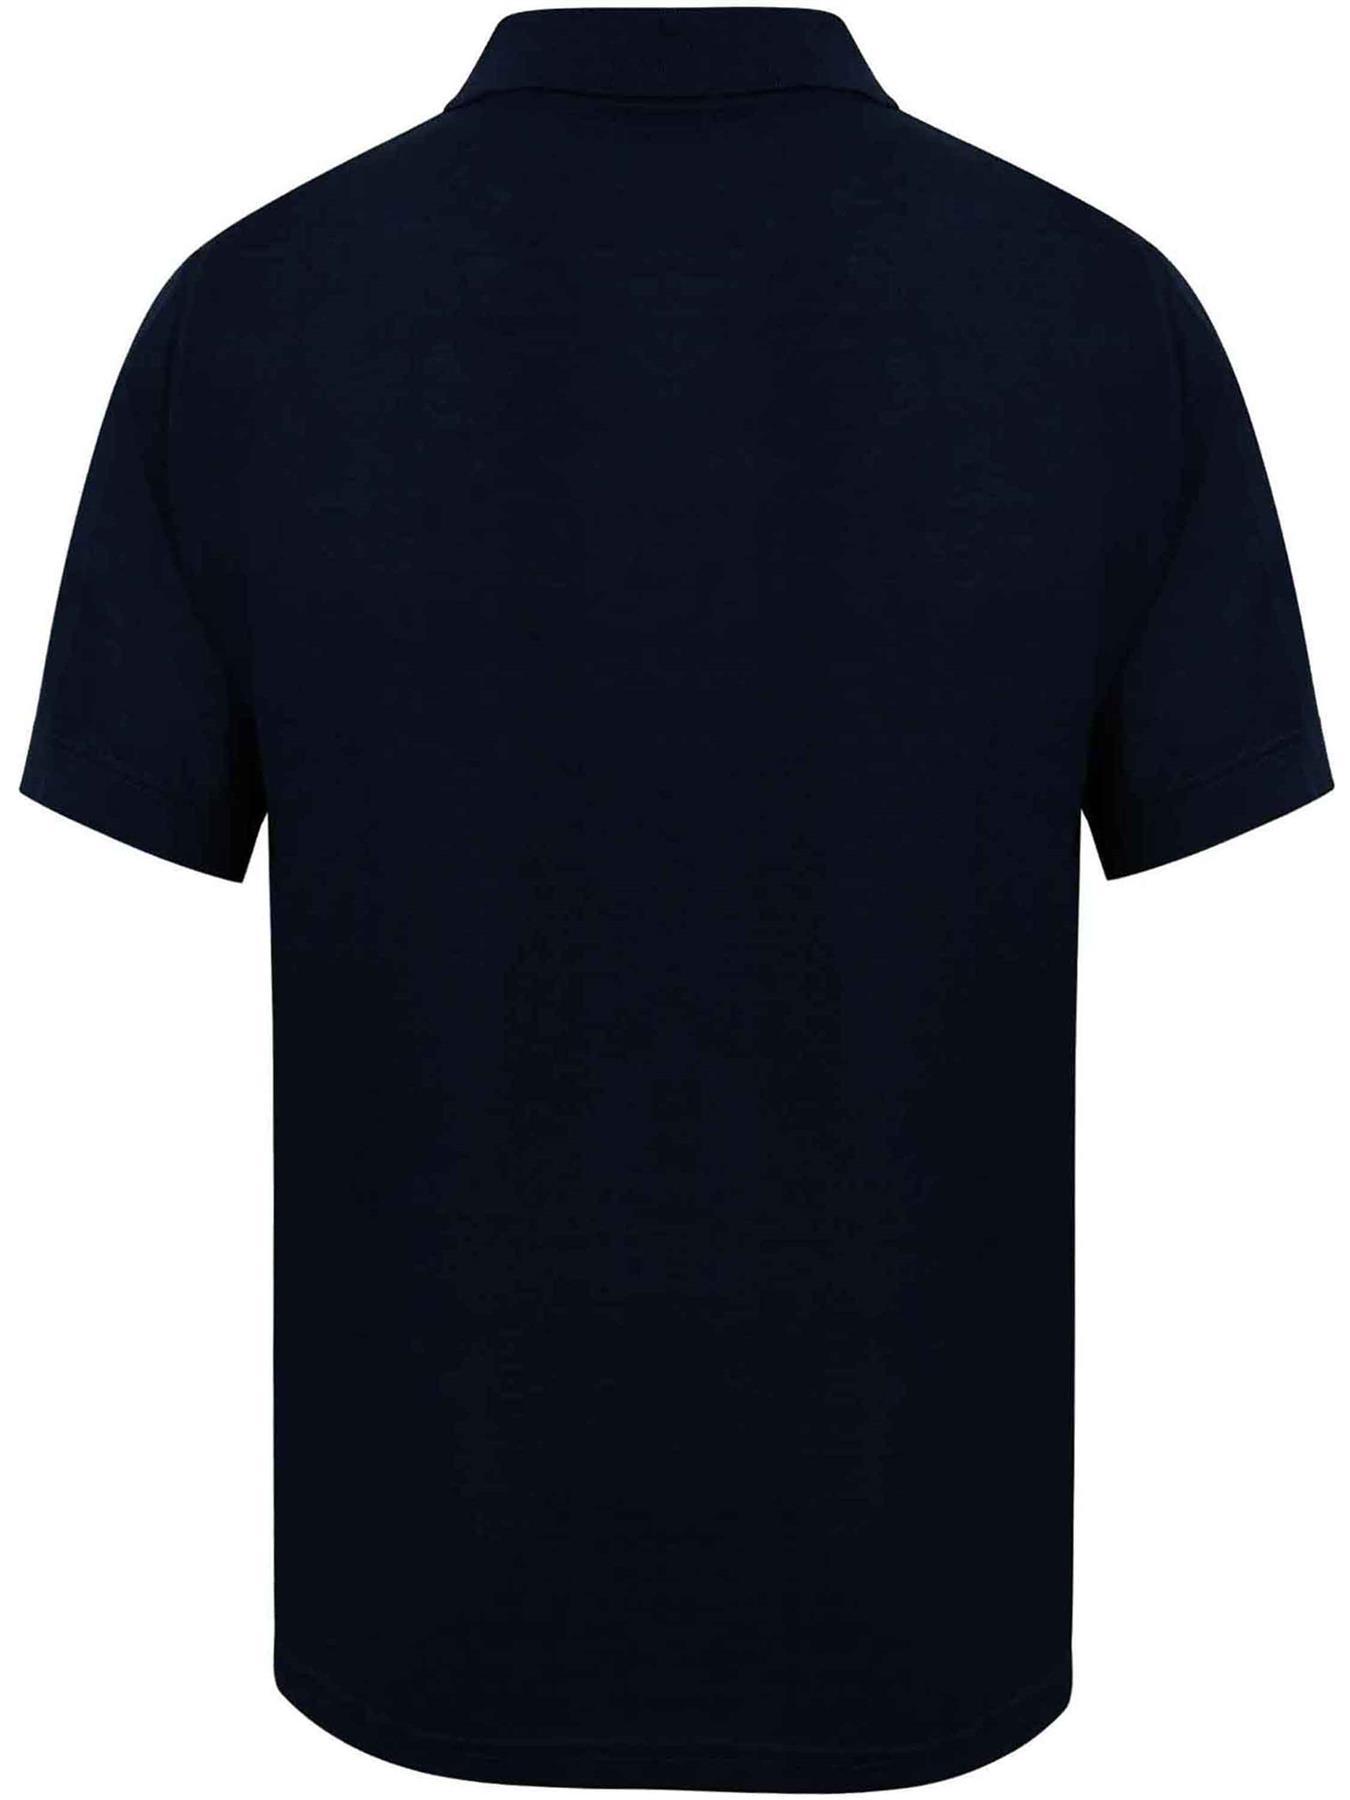 Indexbild 17 - Herren Polohemd Freizeit T-Shirts Neu Schlicht Kurzärmeliges Regular Fit